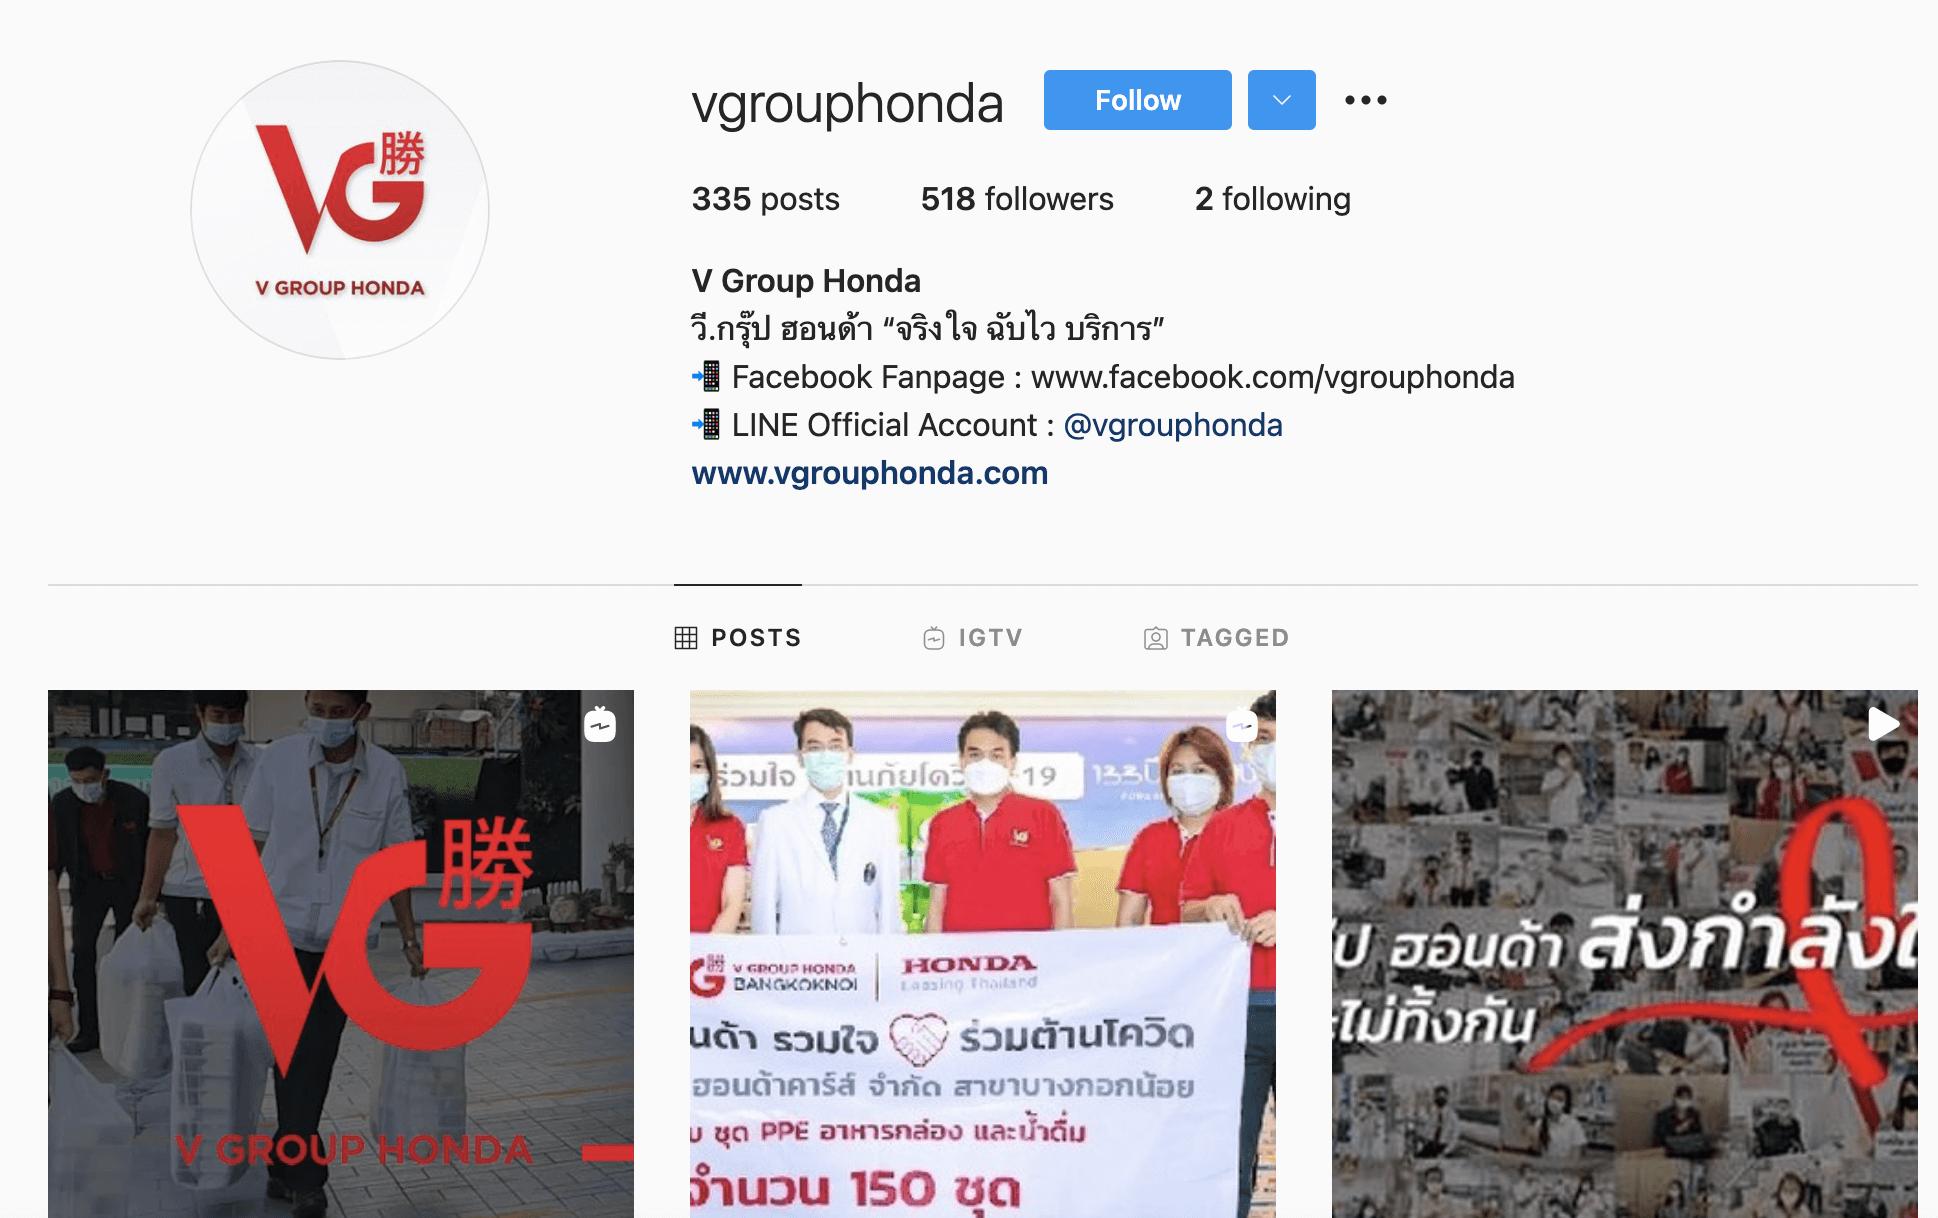 Instagram V Group Honda